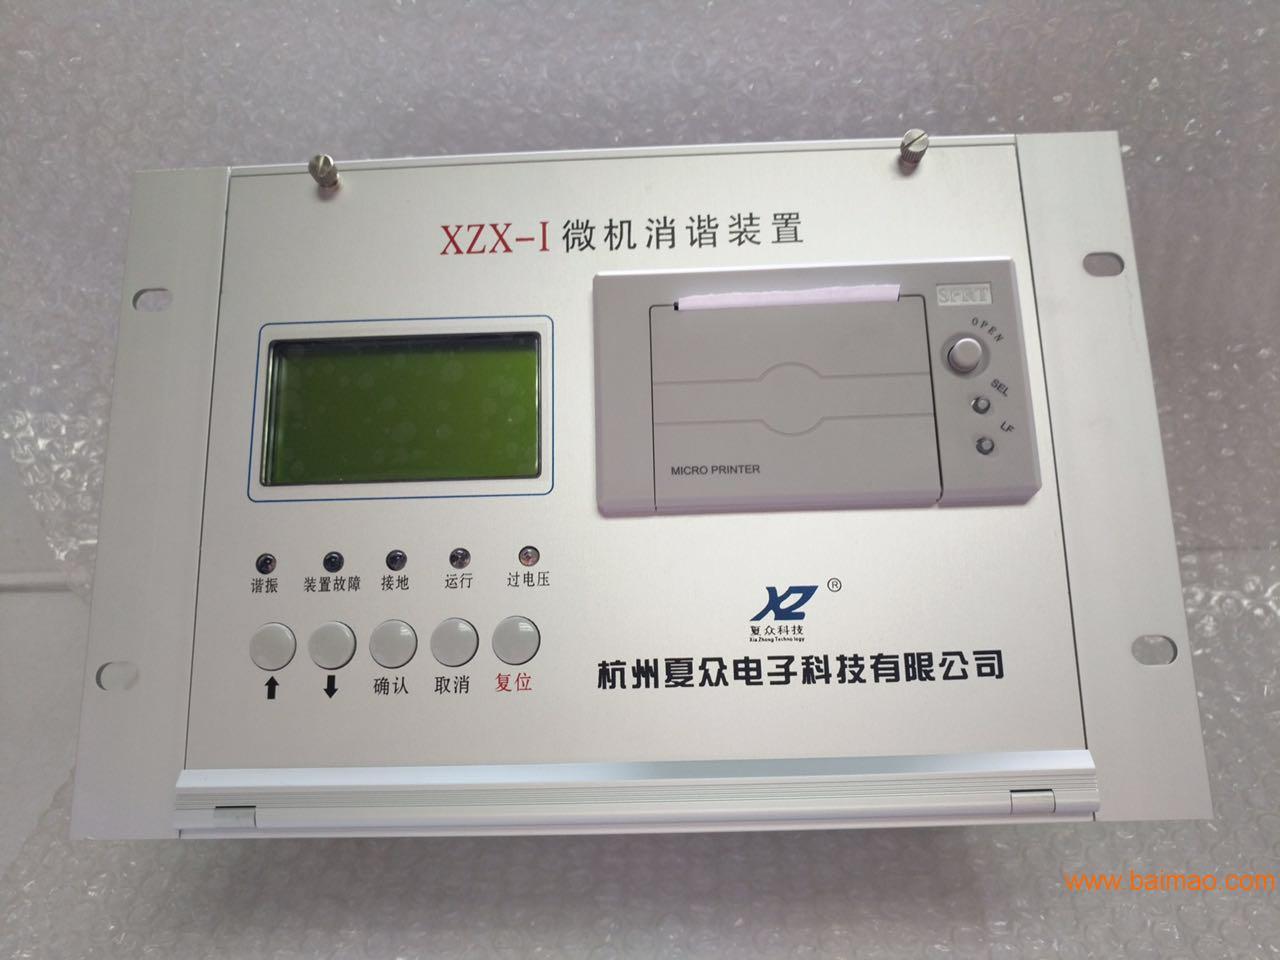 微机消谐装置厂家_微机消谐装置,微机消谐装置生产厂家,微机消谐装置